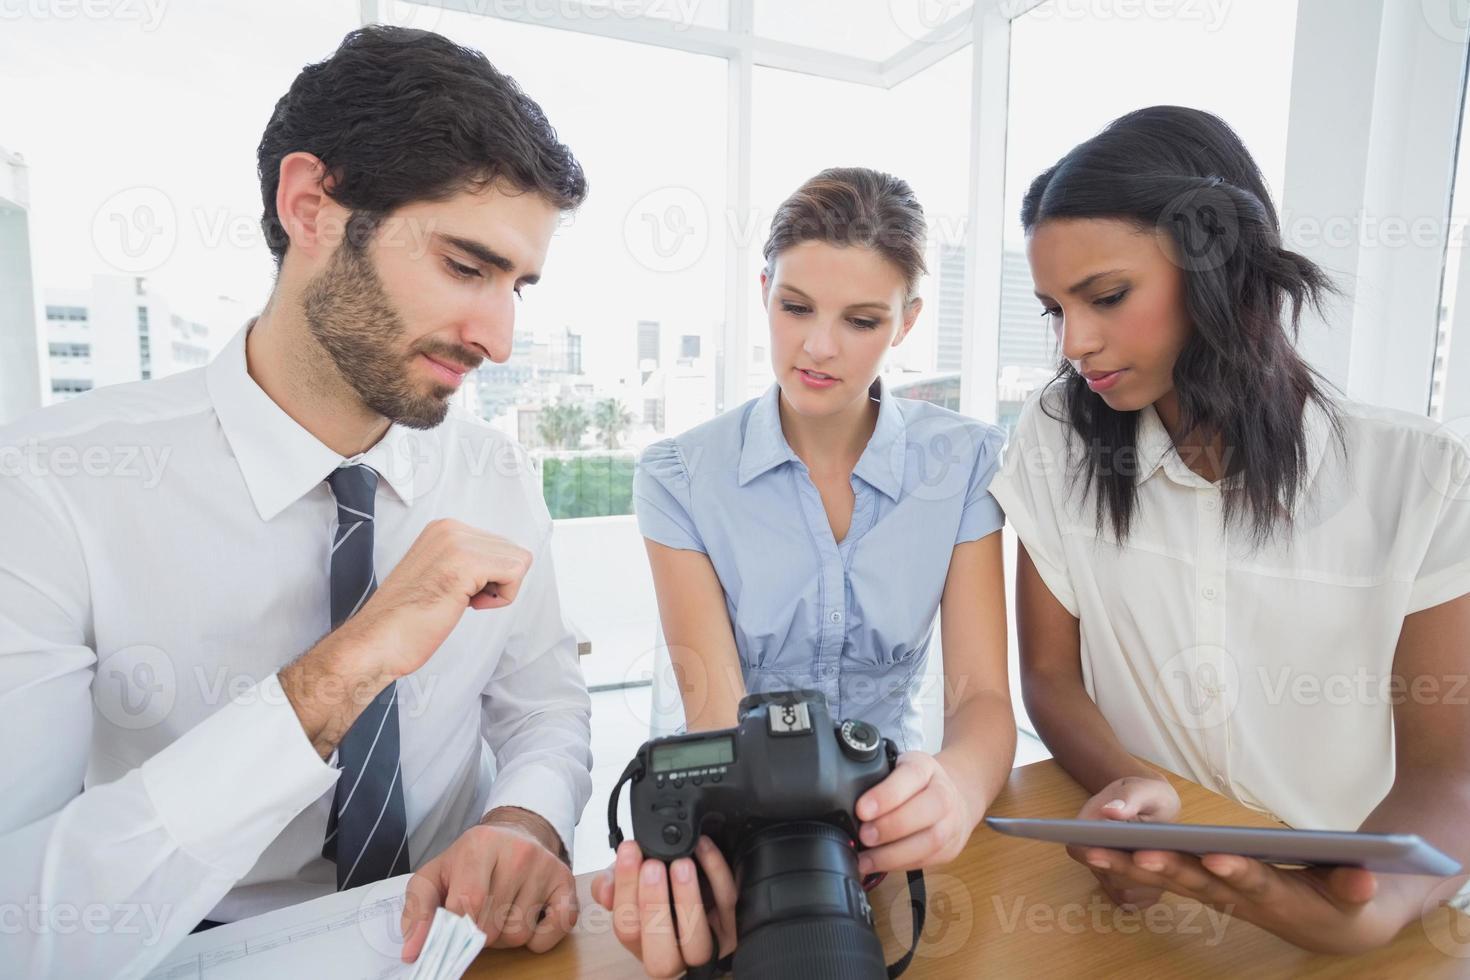 pessoas de negócios usando uma câmera foto